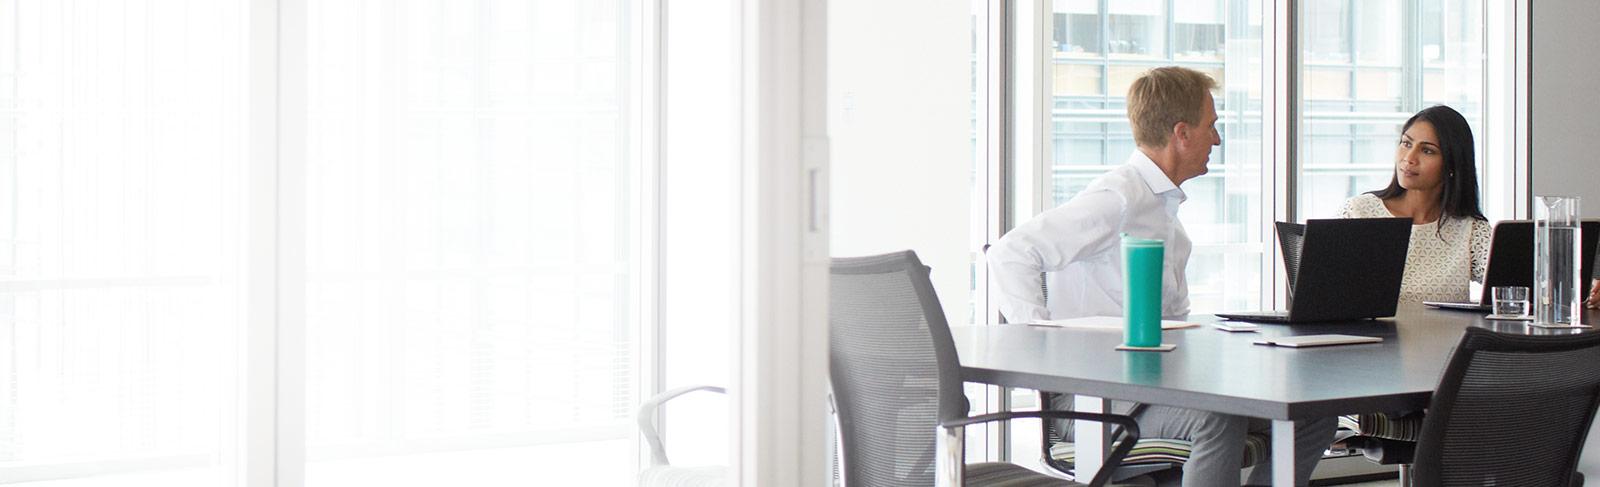 Twee medewerkers met laptops in een vergaderruimte die gebruikmaken van Office 365 Enterprise E3.